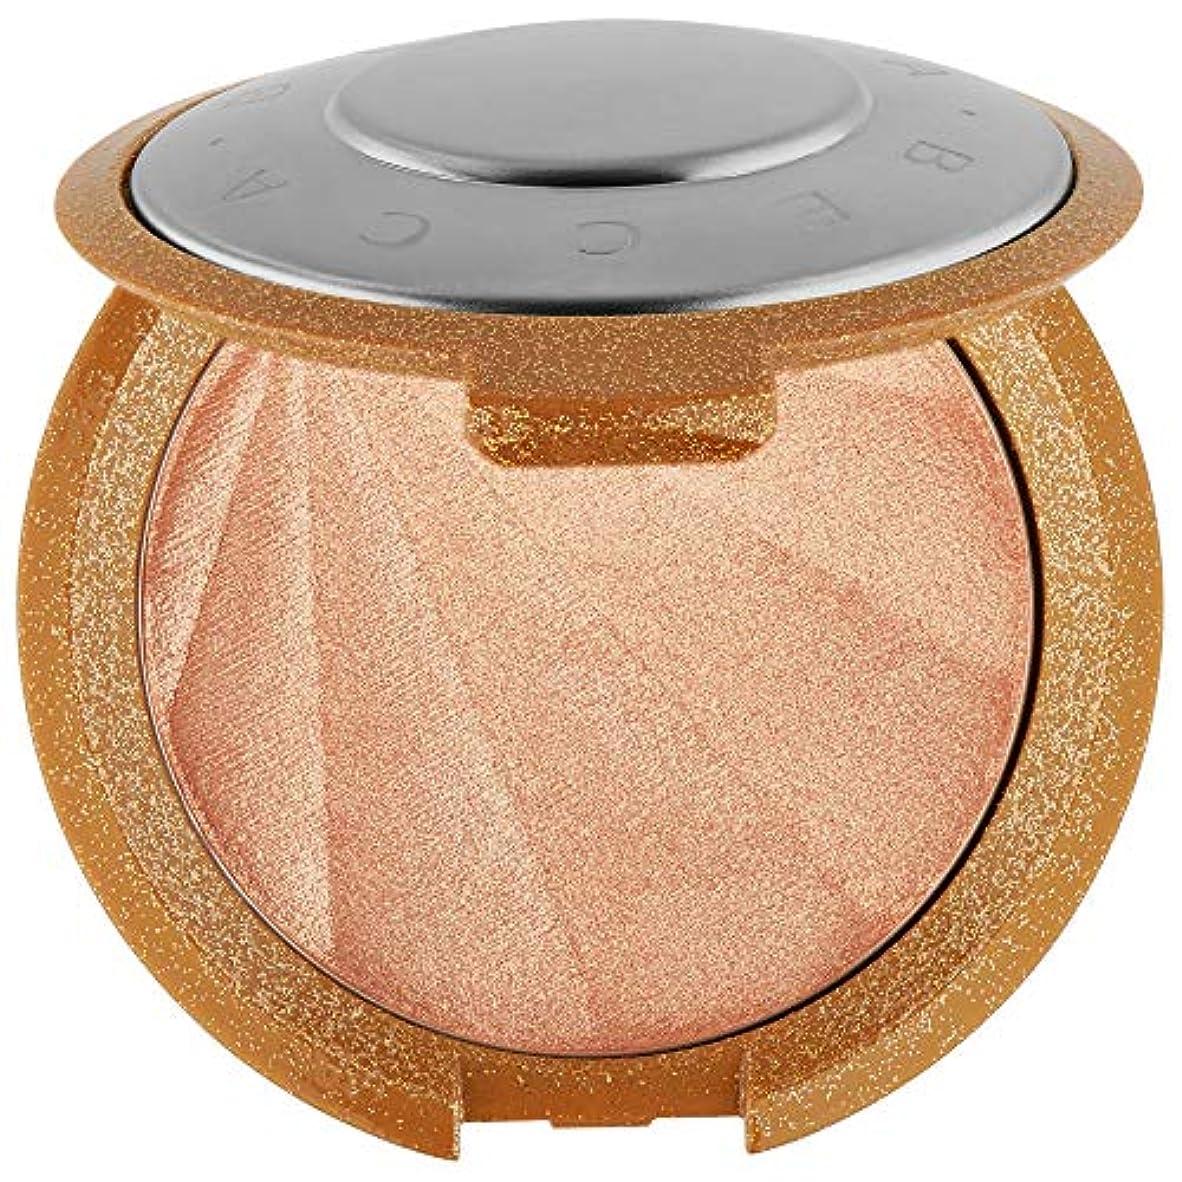 ステレオタイプ教科書パプアニューギニアベッカ Shimmering Skin Perfector Pressed Powder - # Champagne Pop (Collector's Edition) 7g/0.25oz並行輸入品